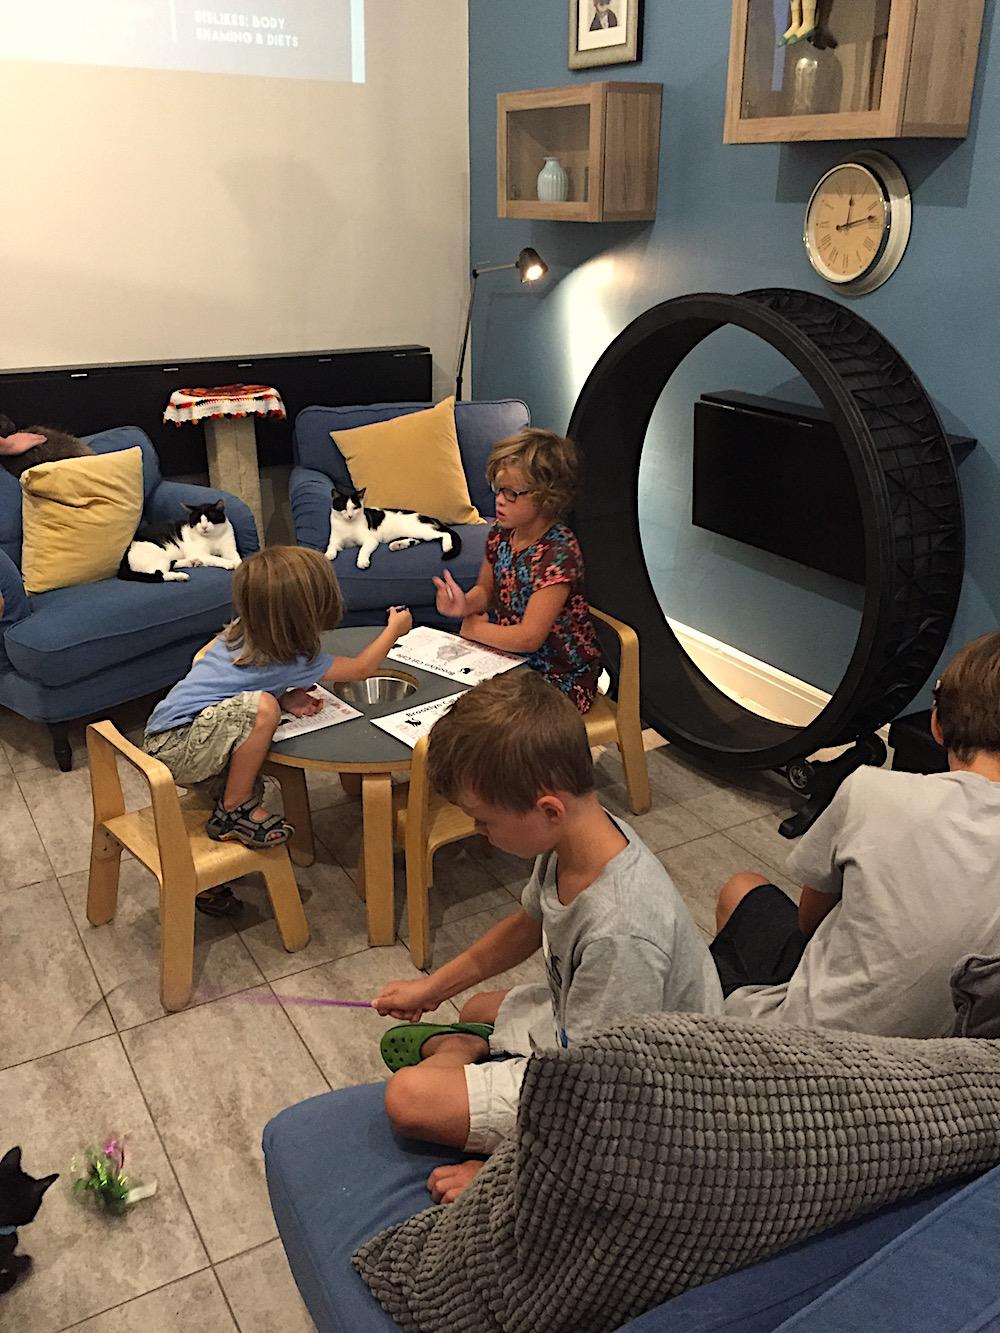 Doen in New York met kinderen - Cat Cafe 01